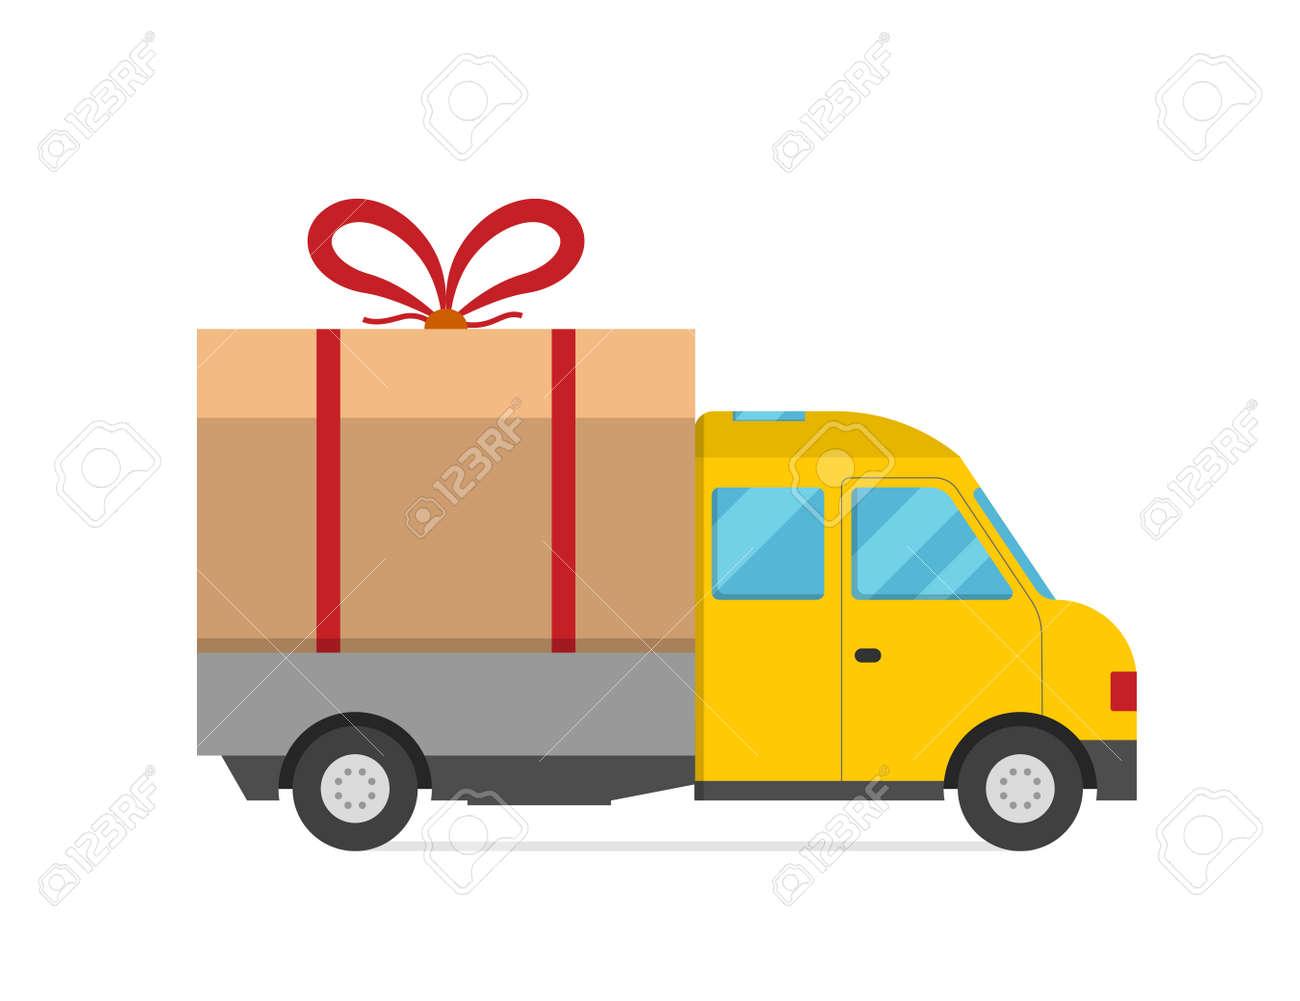 Delivery vector transport truck van christmas gift box bow ribbon delivery vector transport truck van christmas gift box bow ribbon delivery service van new year m4hsunfo